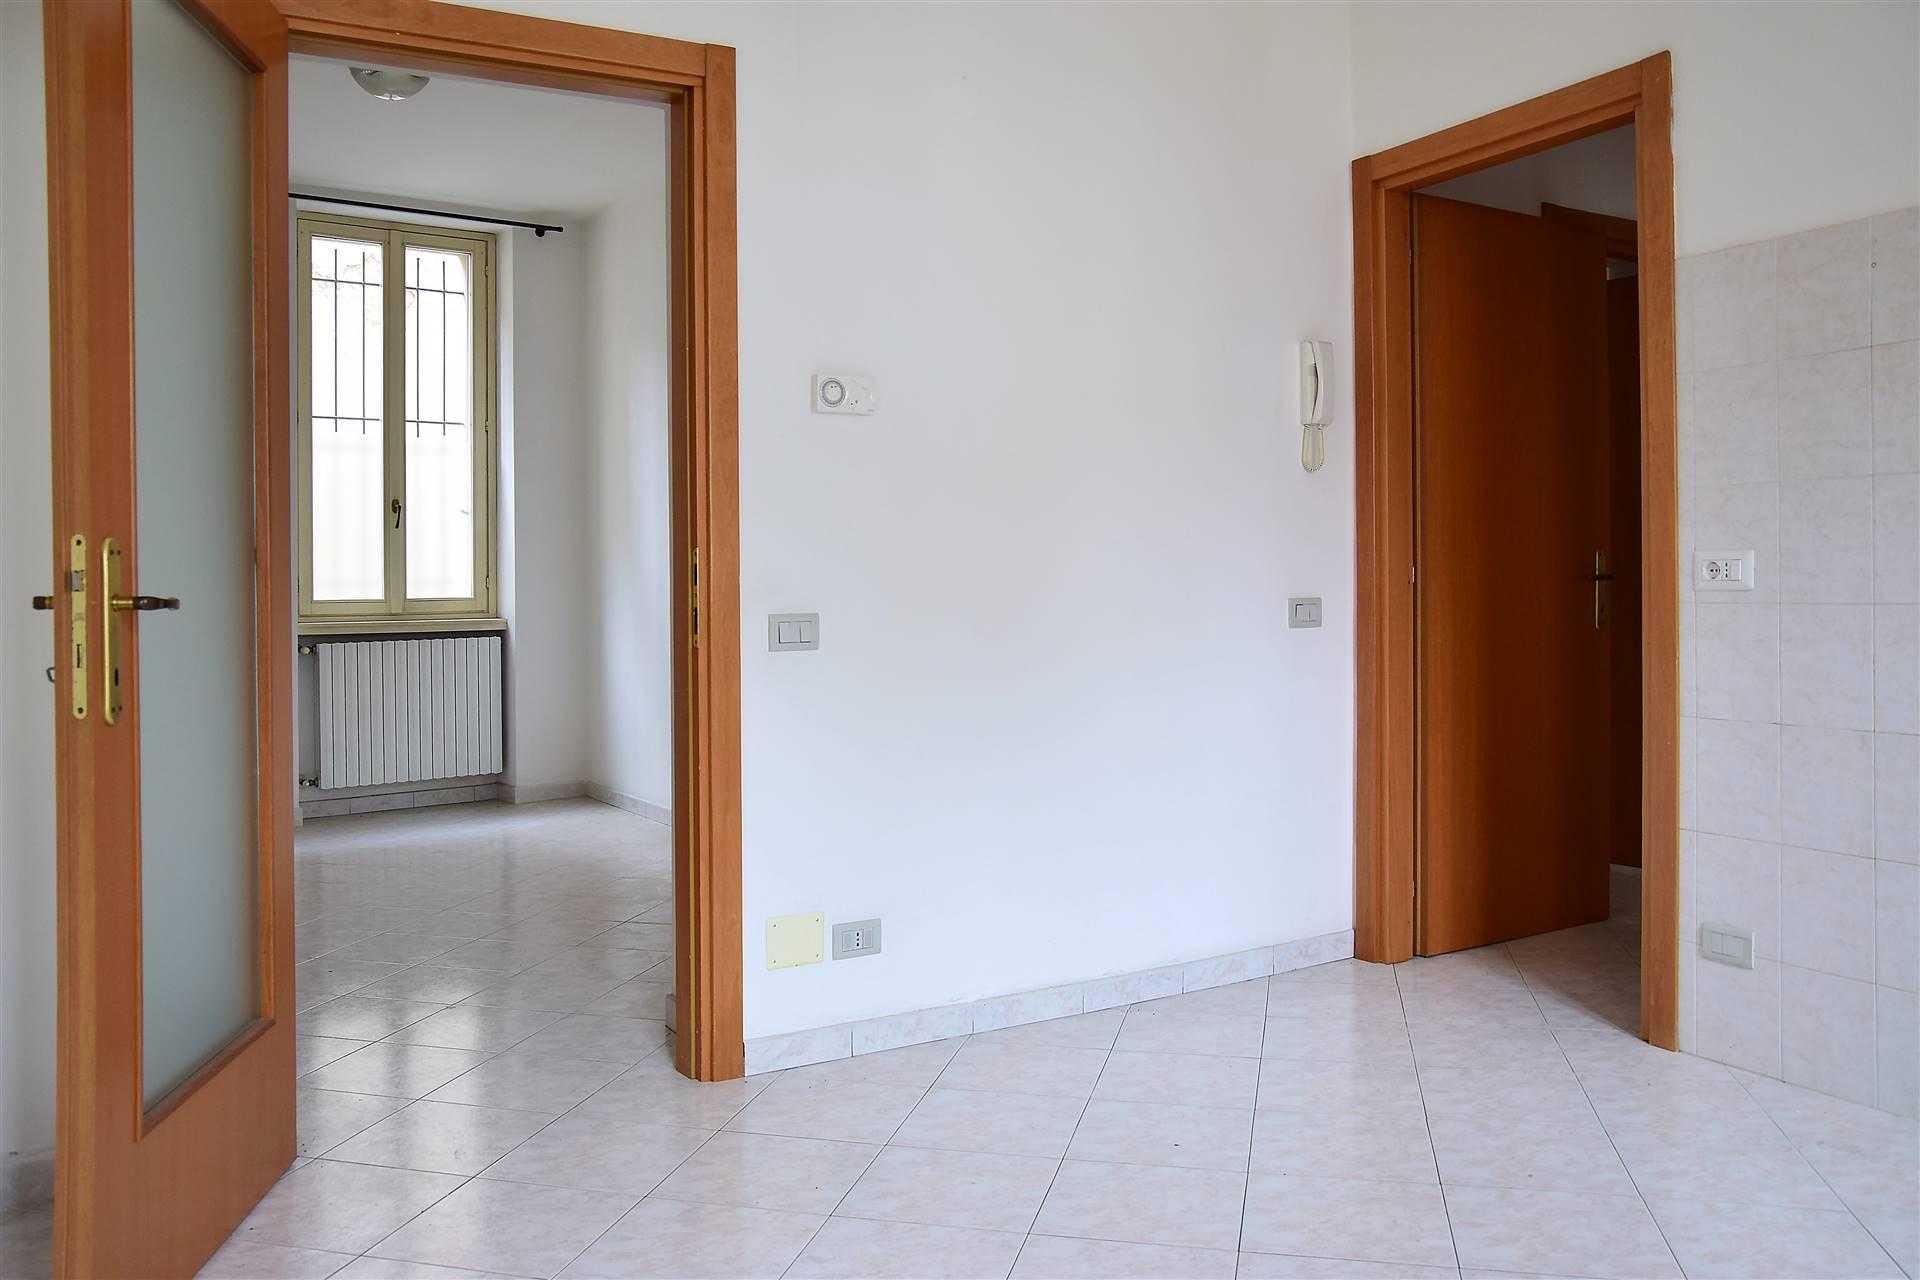 Appartamento in vendita a Trezzo sull'Adda, 2 locali, prezzo € 59.000 | CambioCasa.it